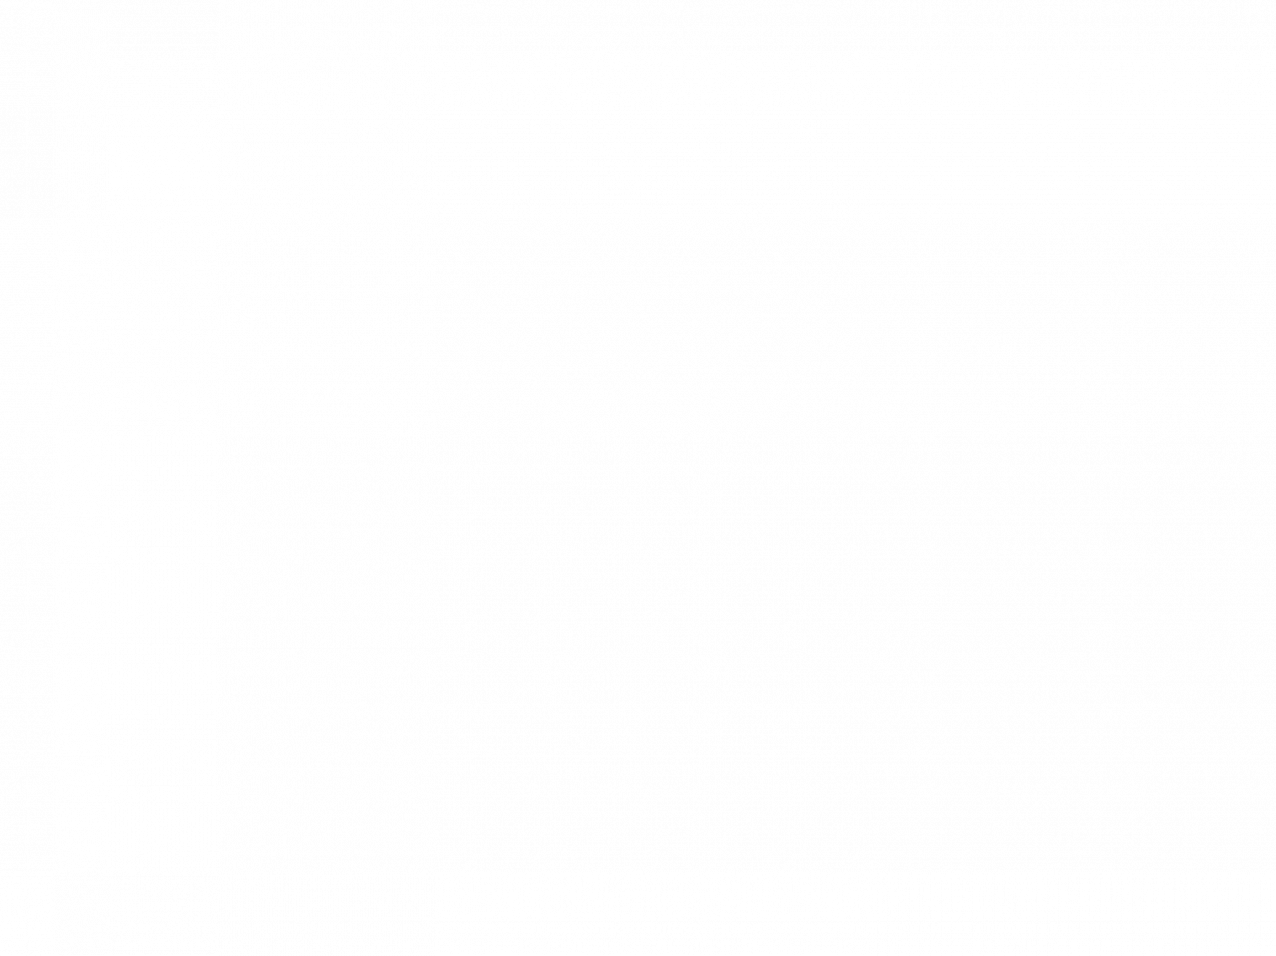 Póleringarmassi – PA-70